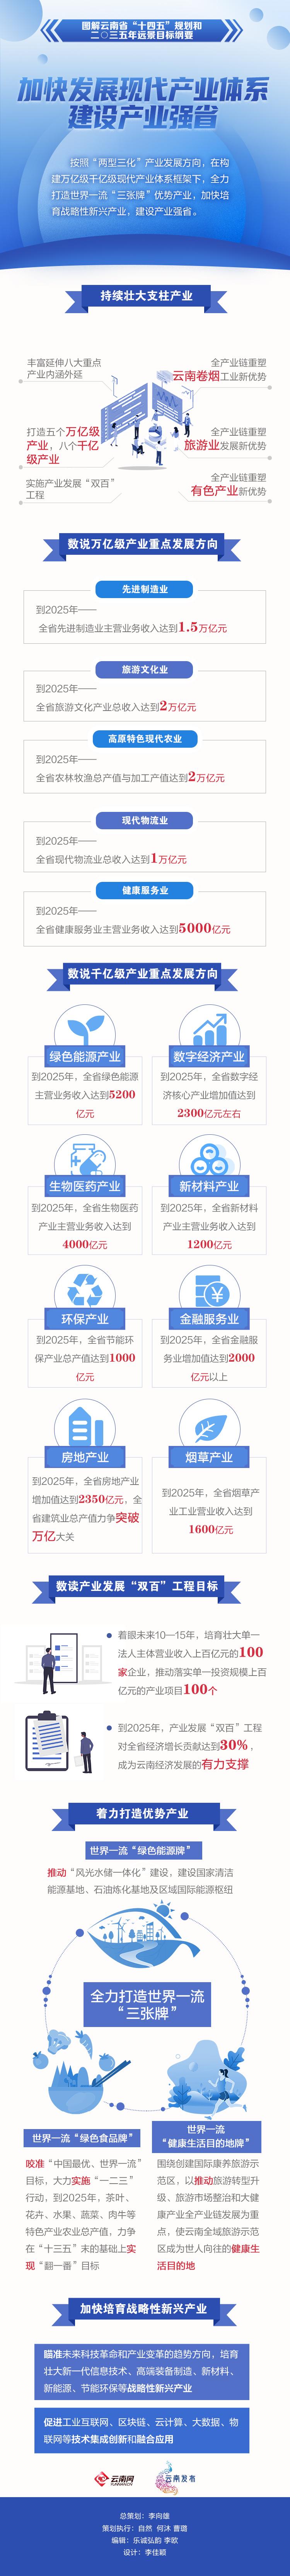 加快发展现代产业体系 建设产业强省1.jpg